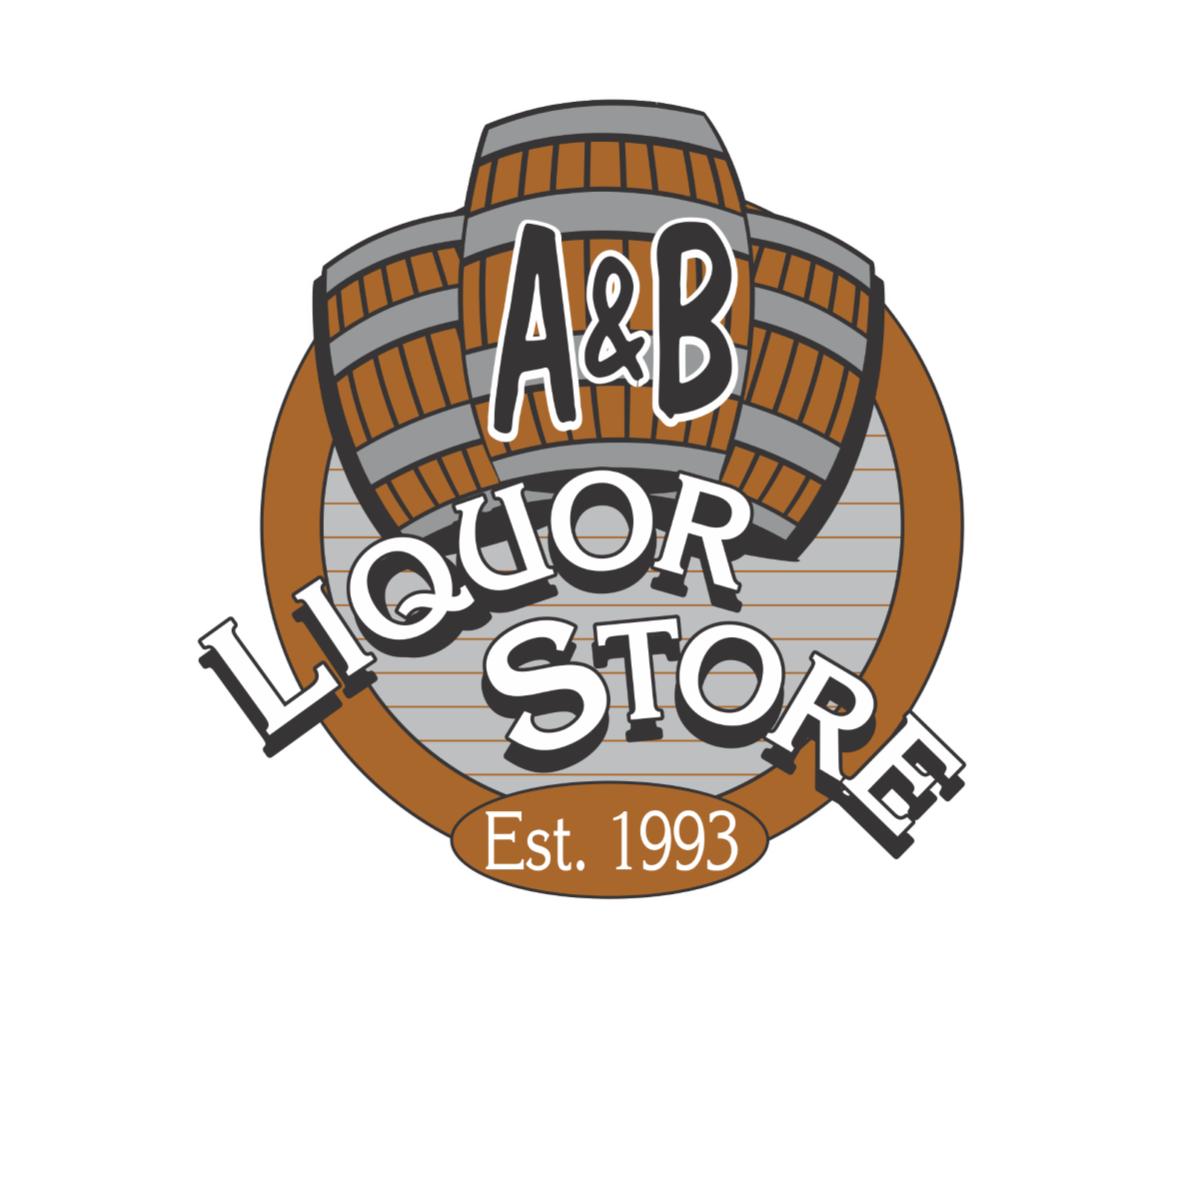 A&B Liquor